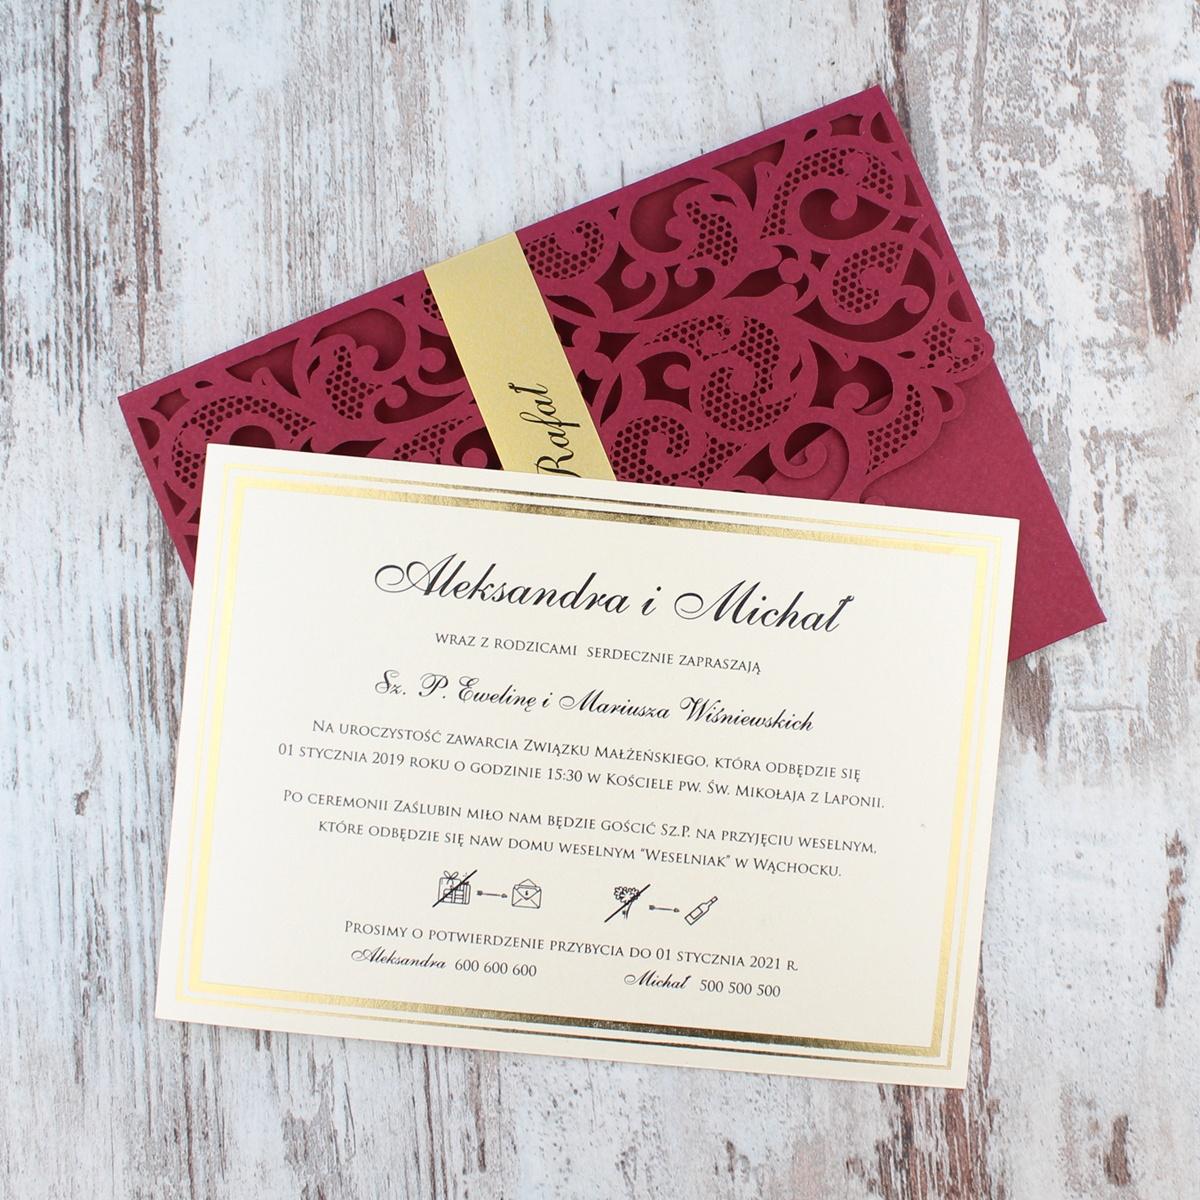 Bordowe, ażurowe zaproszenia ślubne w kształcie koperty4